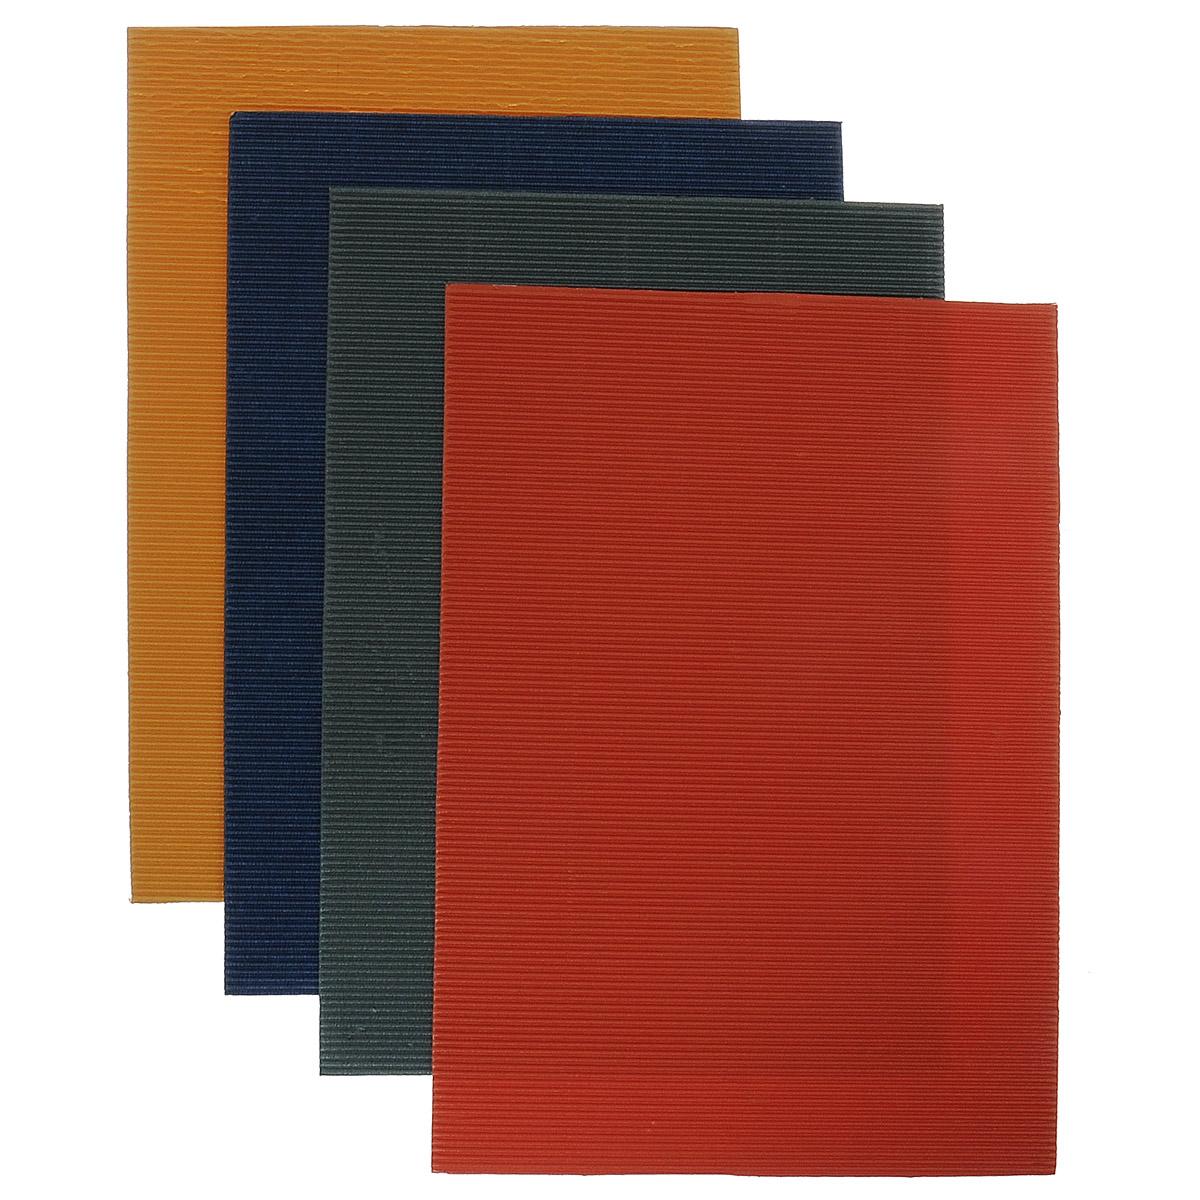 Набор цветного гофрированного картона Бриз, перламутровый, 4 листа. 1126-5011126-501Набор гофрированного цветного картона Бриз отлично подойдет для создания эффектных и фактурных объемных панно. Набор состоит из четырех листов формата А4 цветного перламутрового картона: желтого, синего, красного и зеленого цветов. Каждый лист состоит из одного плоского слоя белого цвета и одного гофрированного слоя. Набор упакован в яркую картонную папку. Создание поделок из цветного картона - это увлекательный досуг, который позволяет ребенку развивать творческие способности.